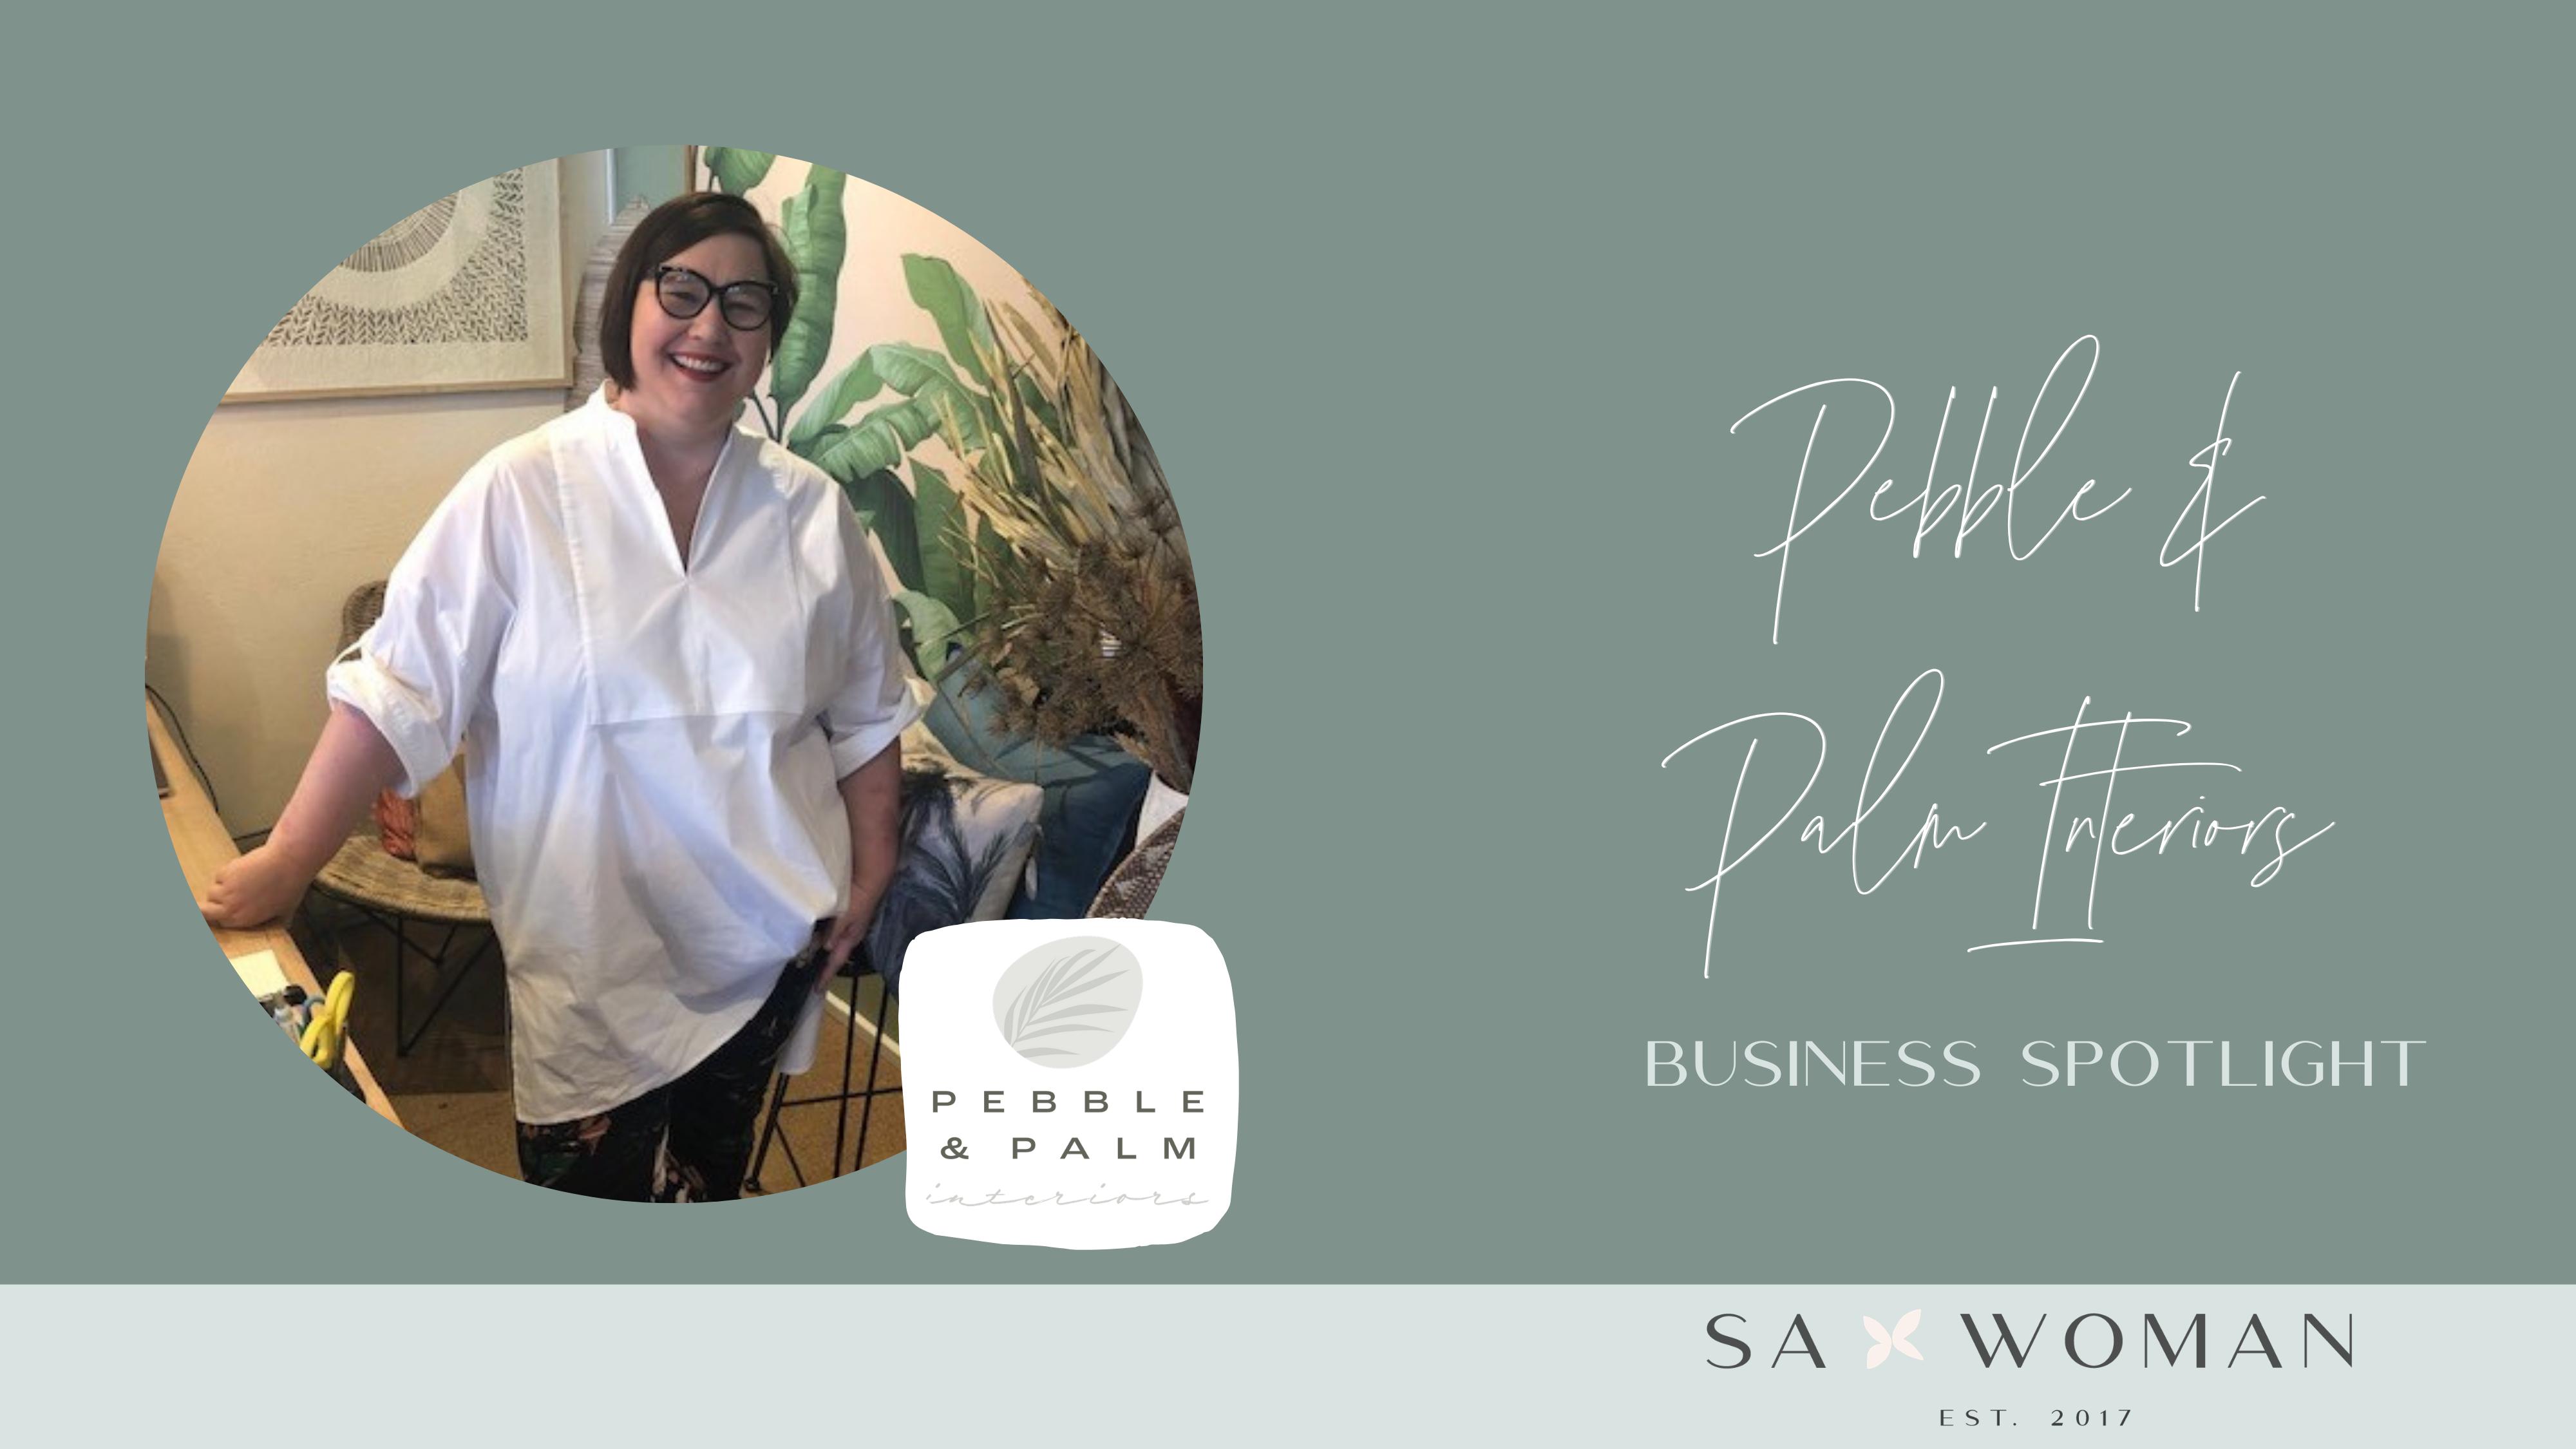 Meet Amanda Ewbank from Pebble & Palm Interiors